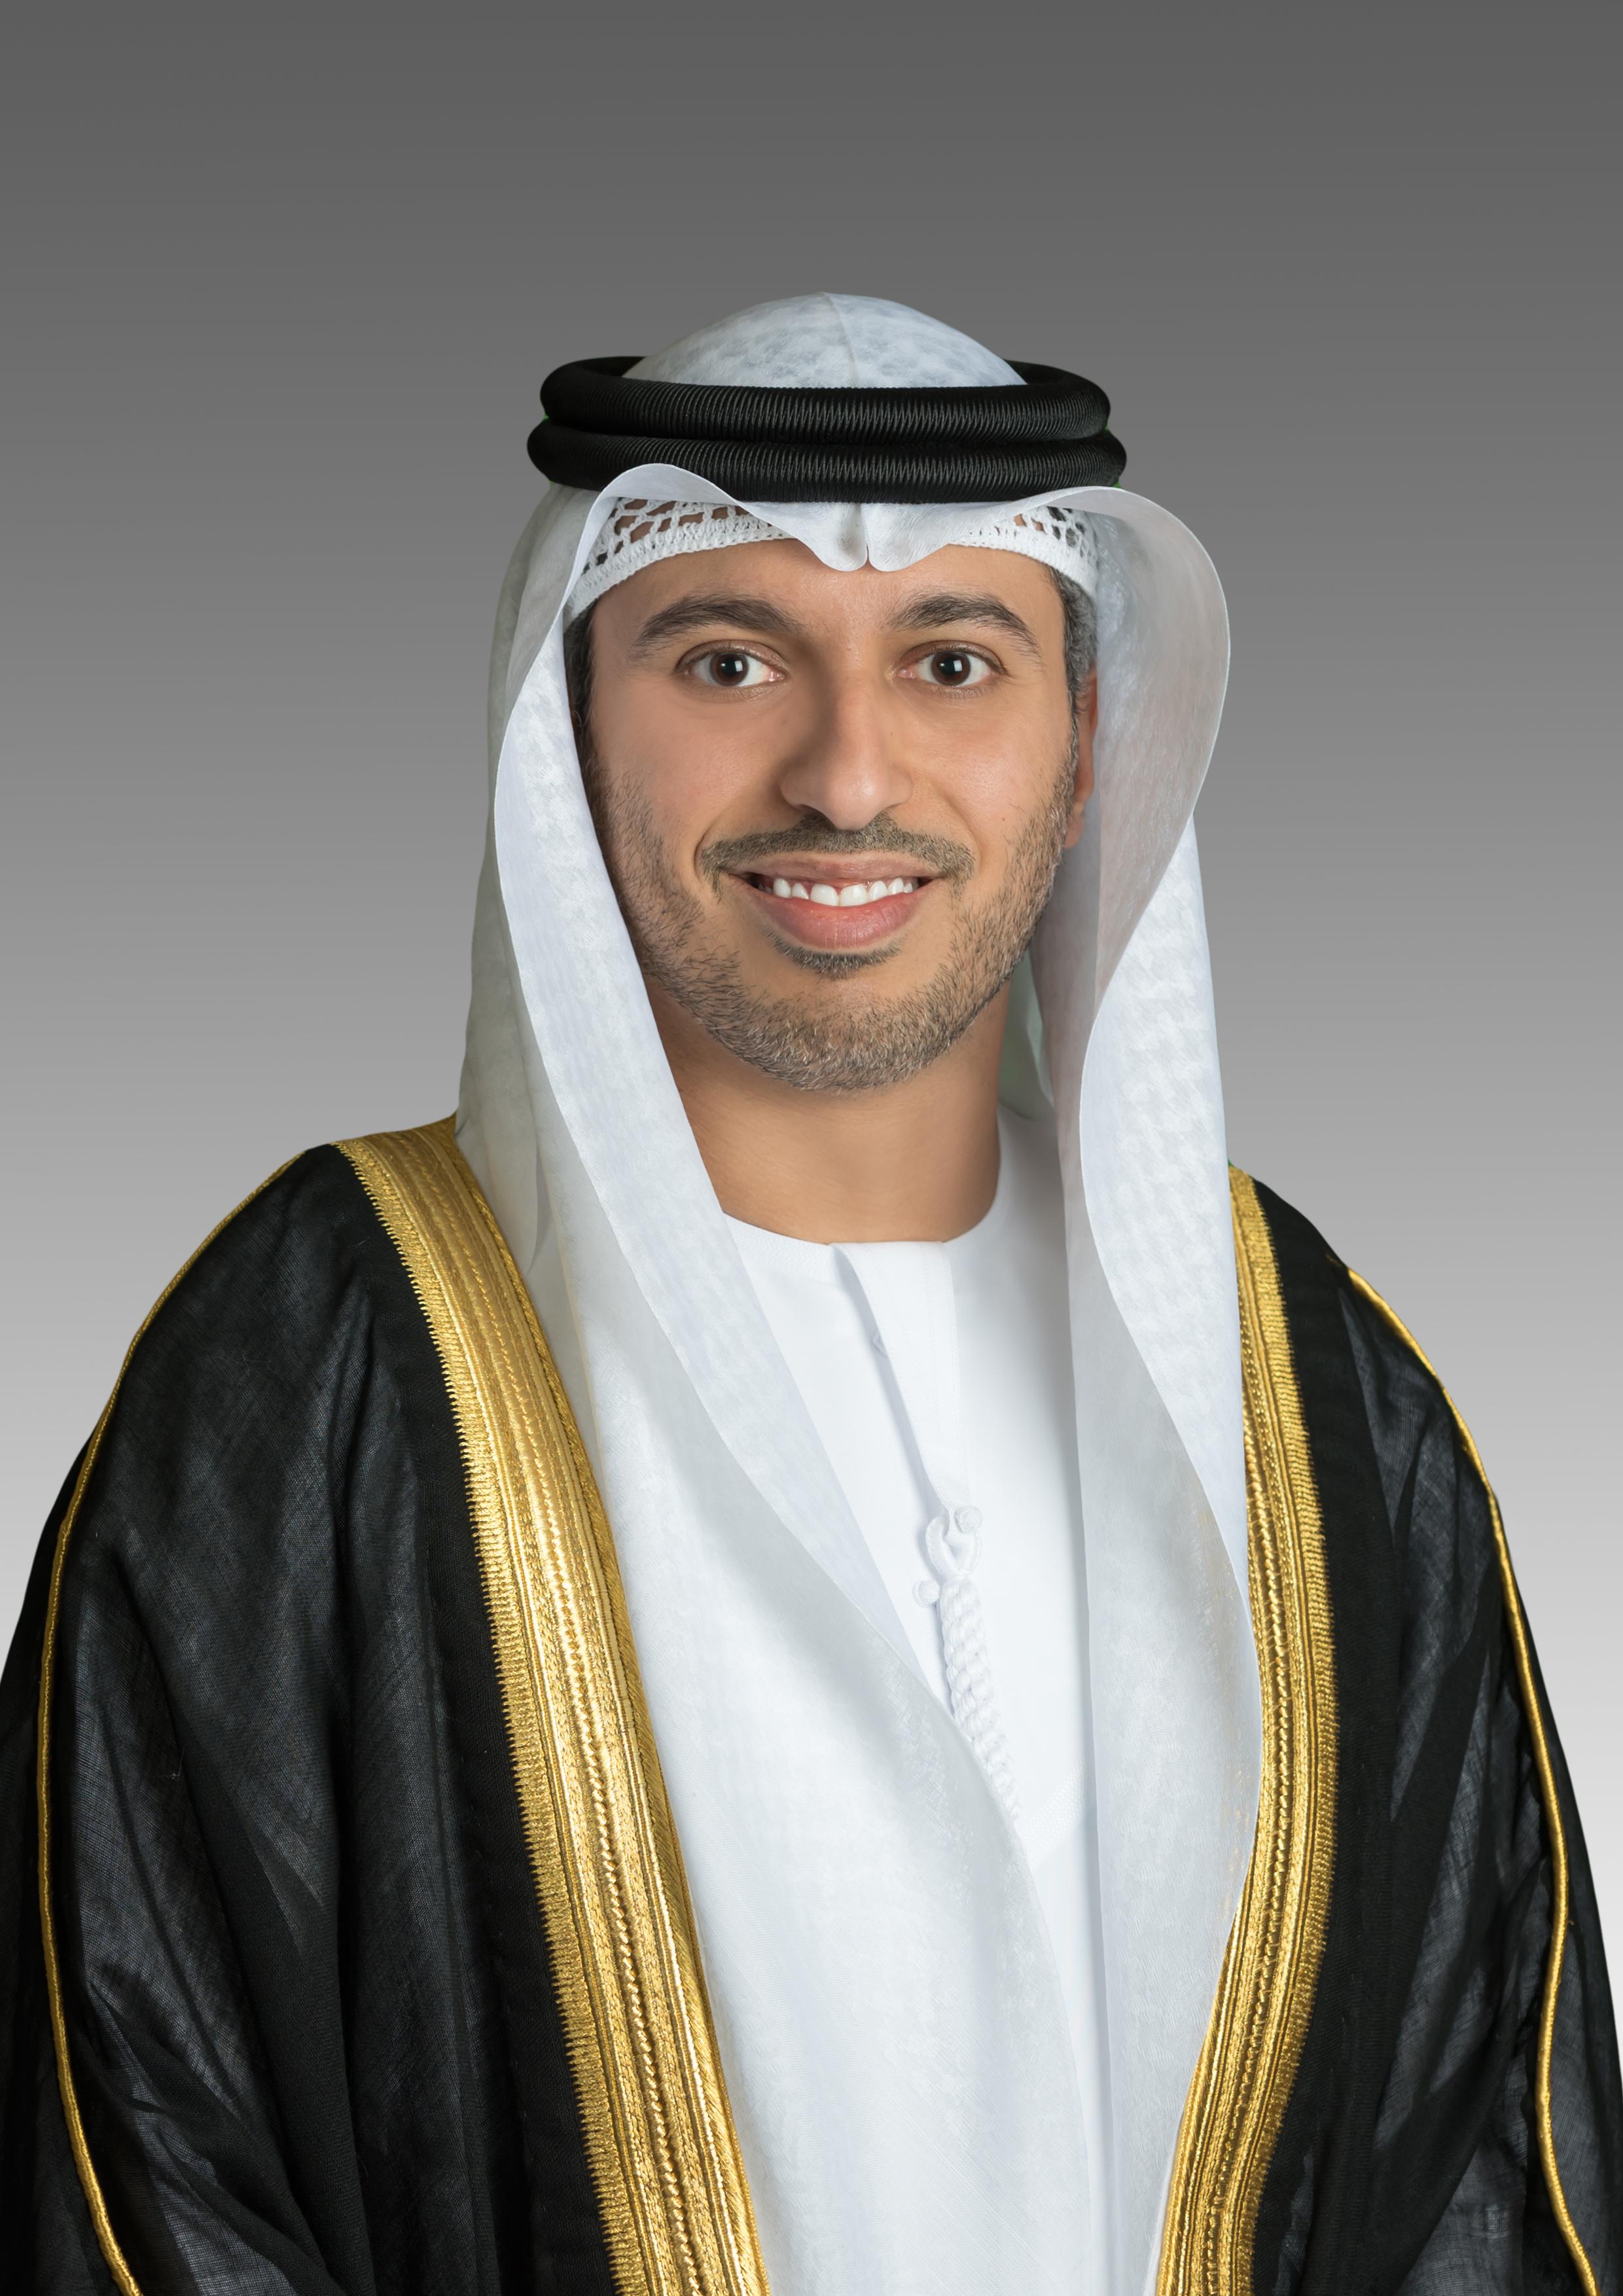 His Excellency Dr. Ahmad bin Abdullah Humaid Belhoul Al Falasi